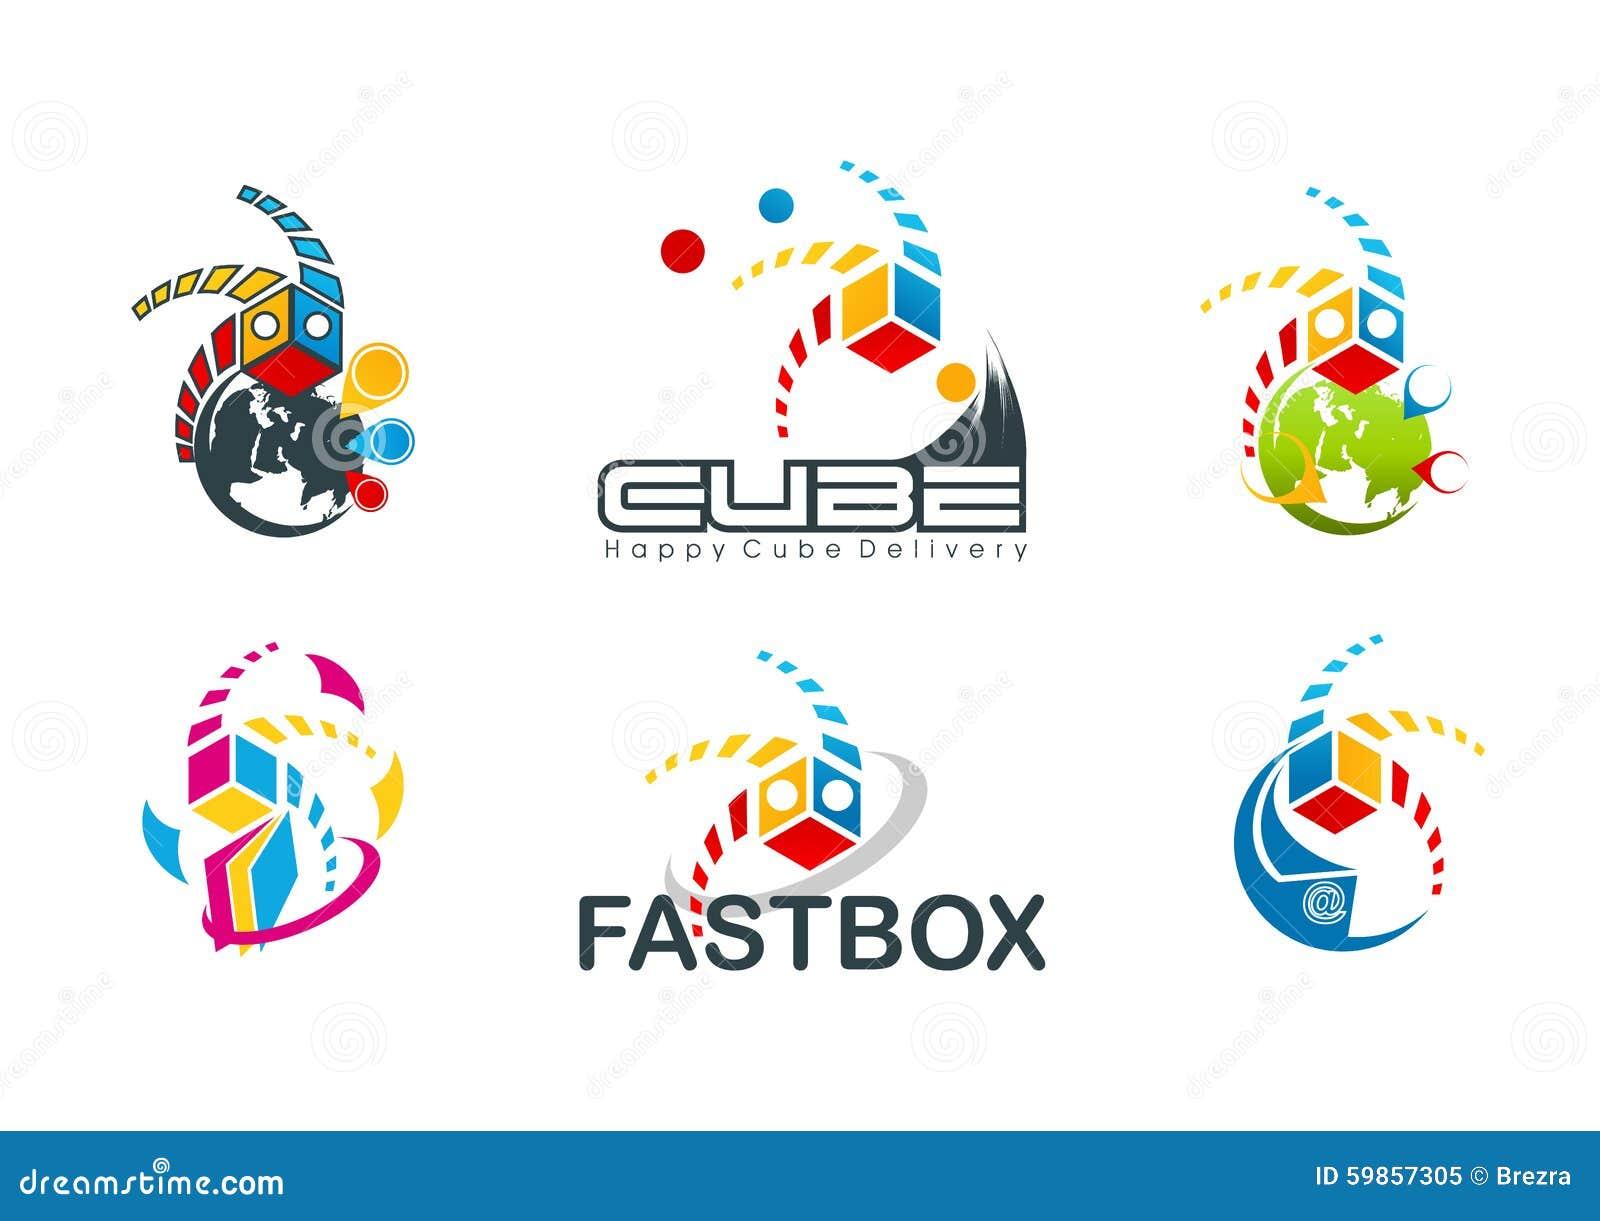 Aktives Würfellogo, Geschwindigkeitskastensymbol, schnelles Bestimmungsortkonzeptdesign